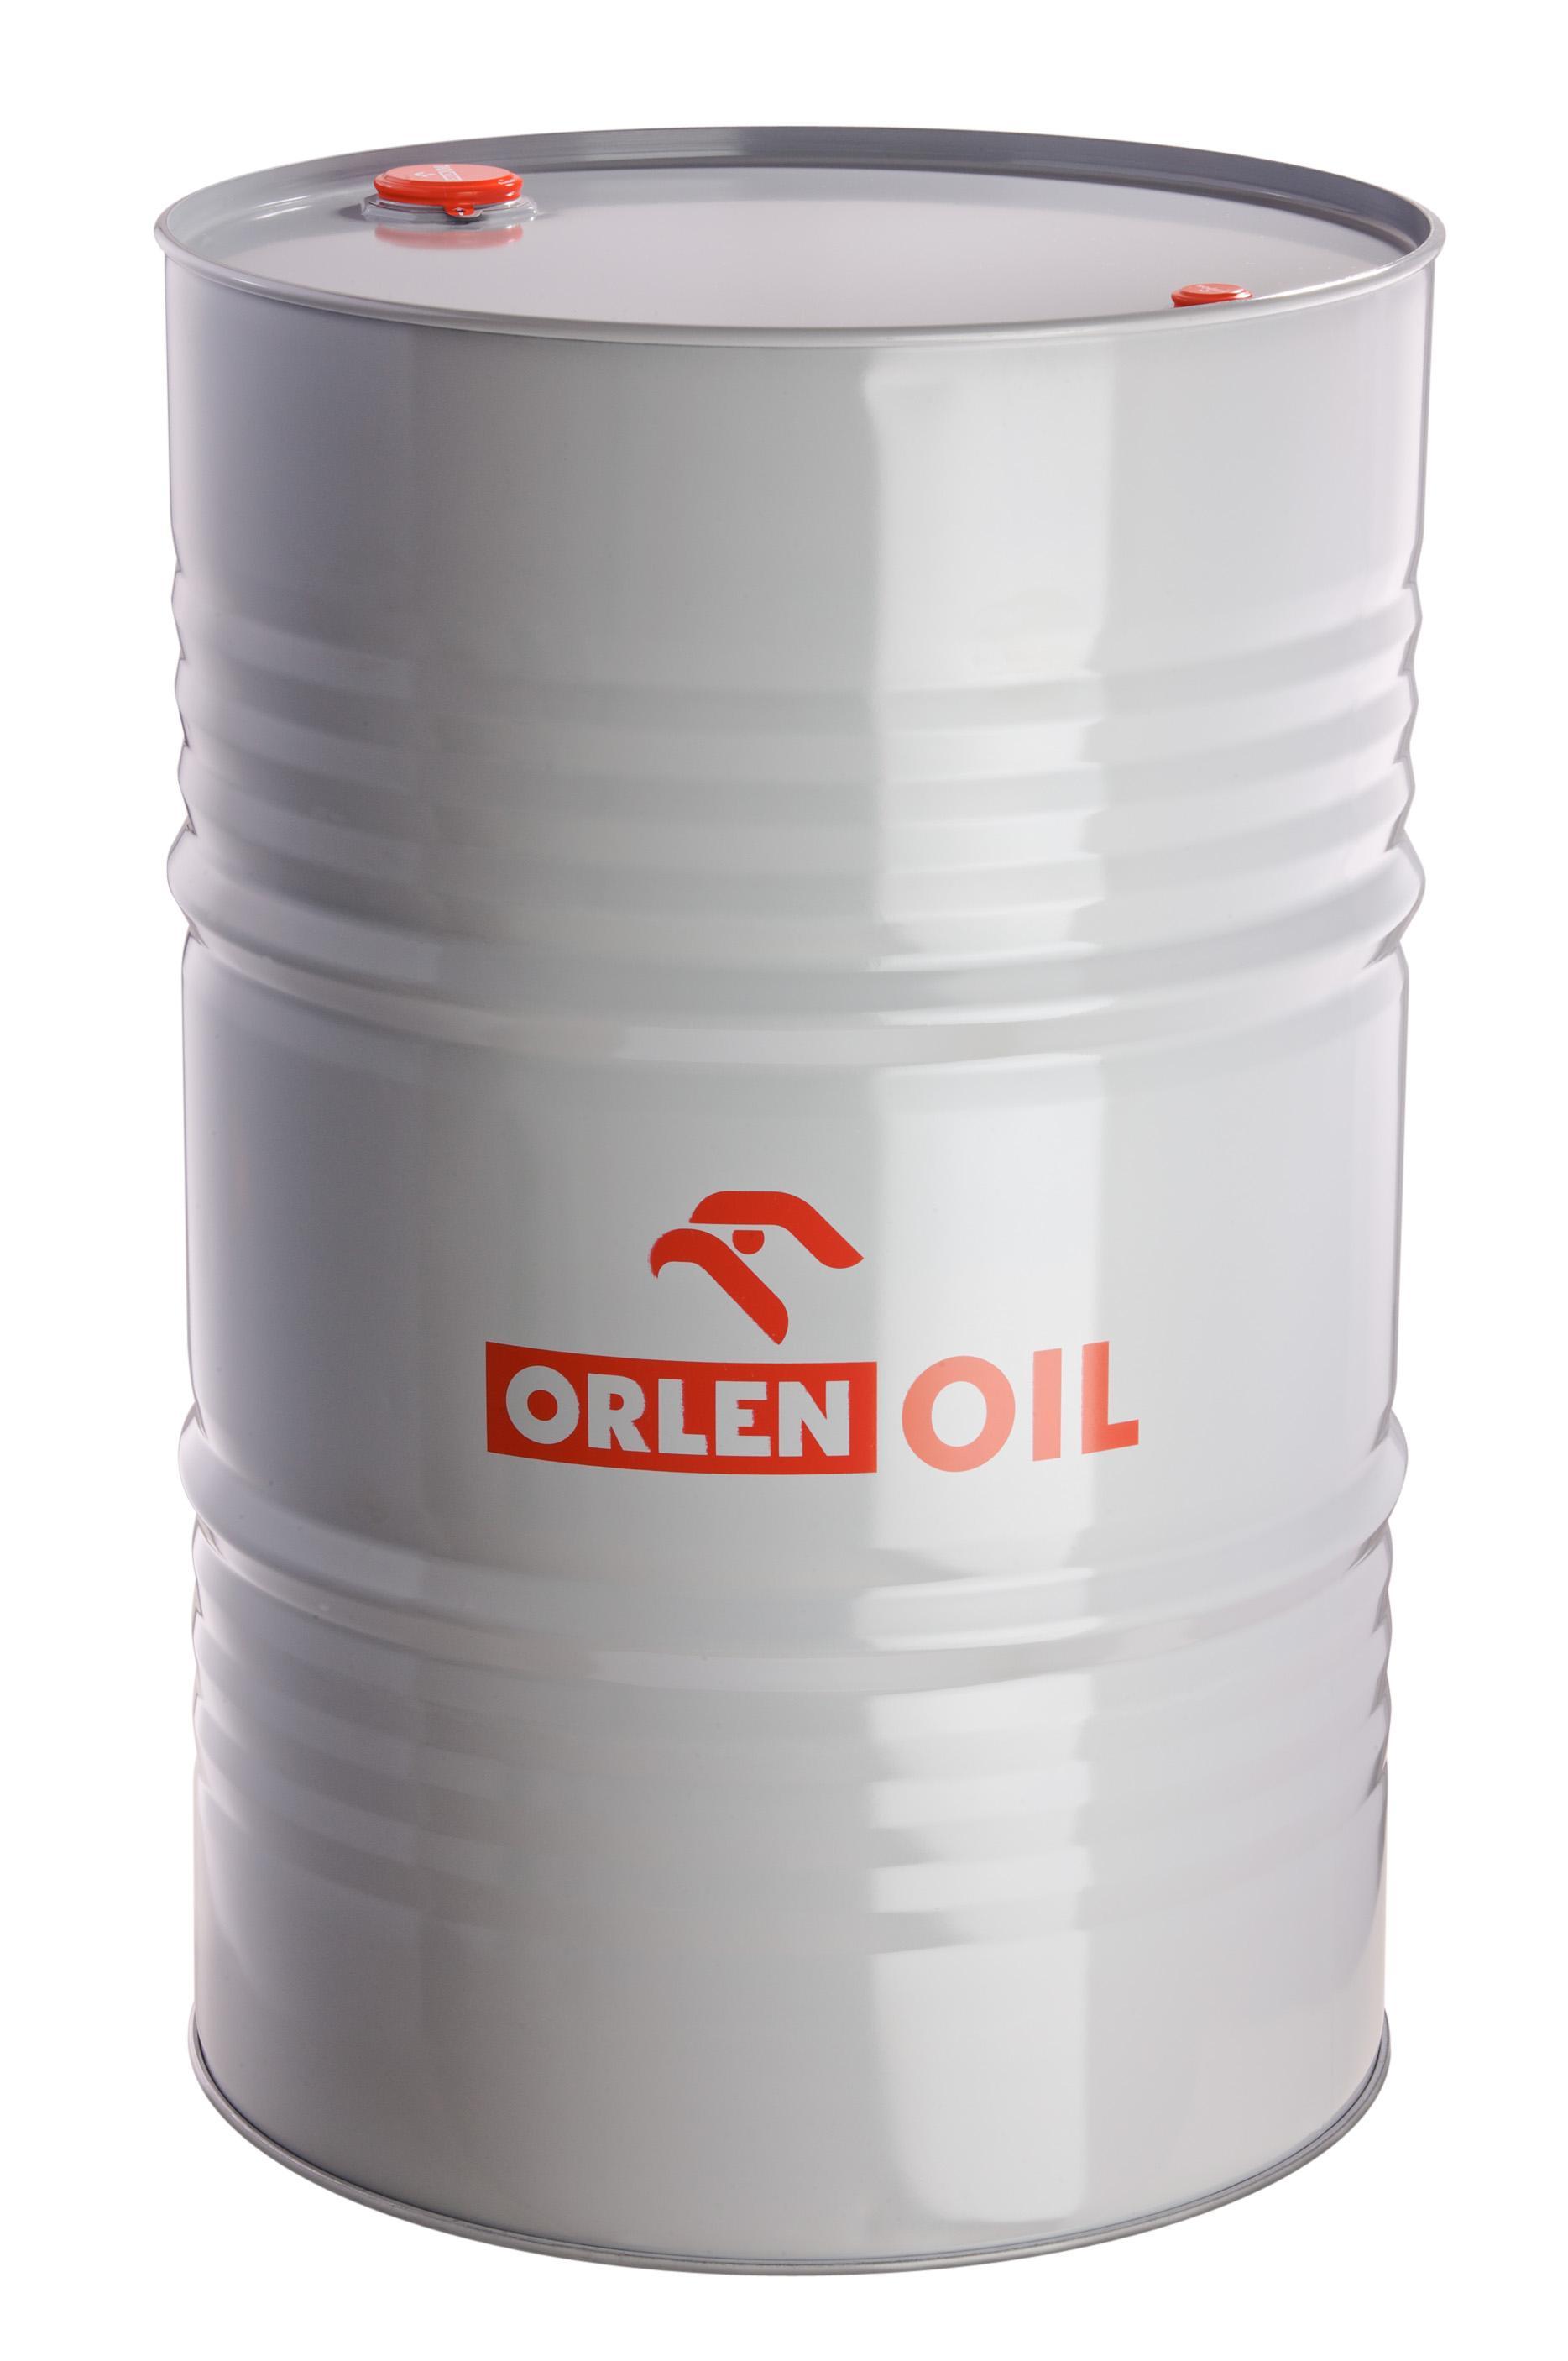 ORLEN OIL OLEJ MASZYNOWY MN-15   BECZKA 205L **